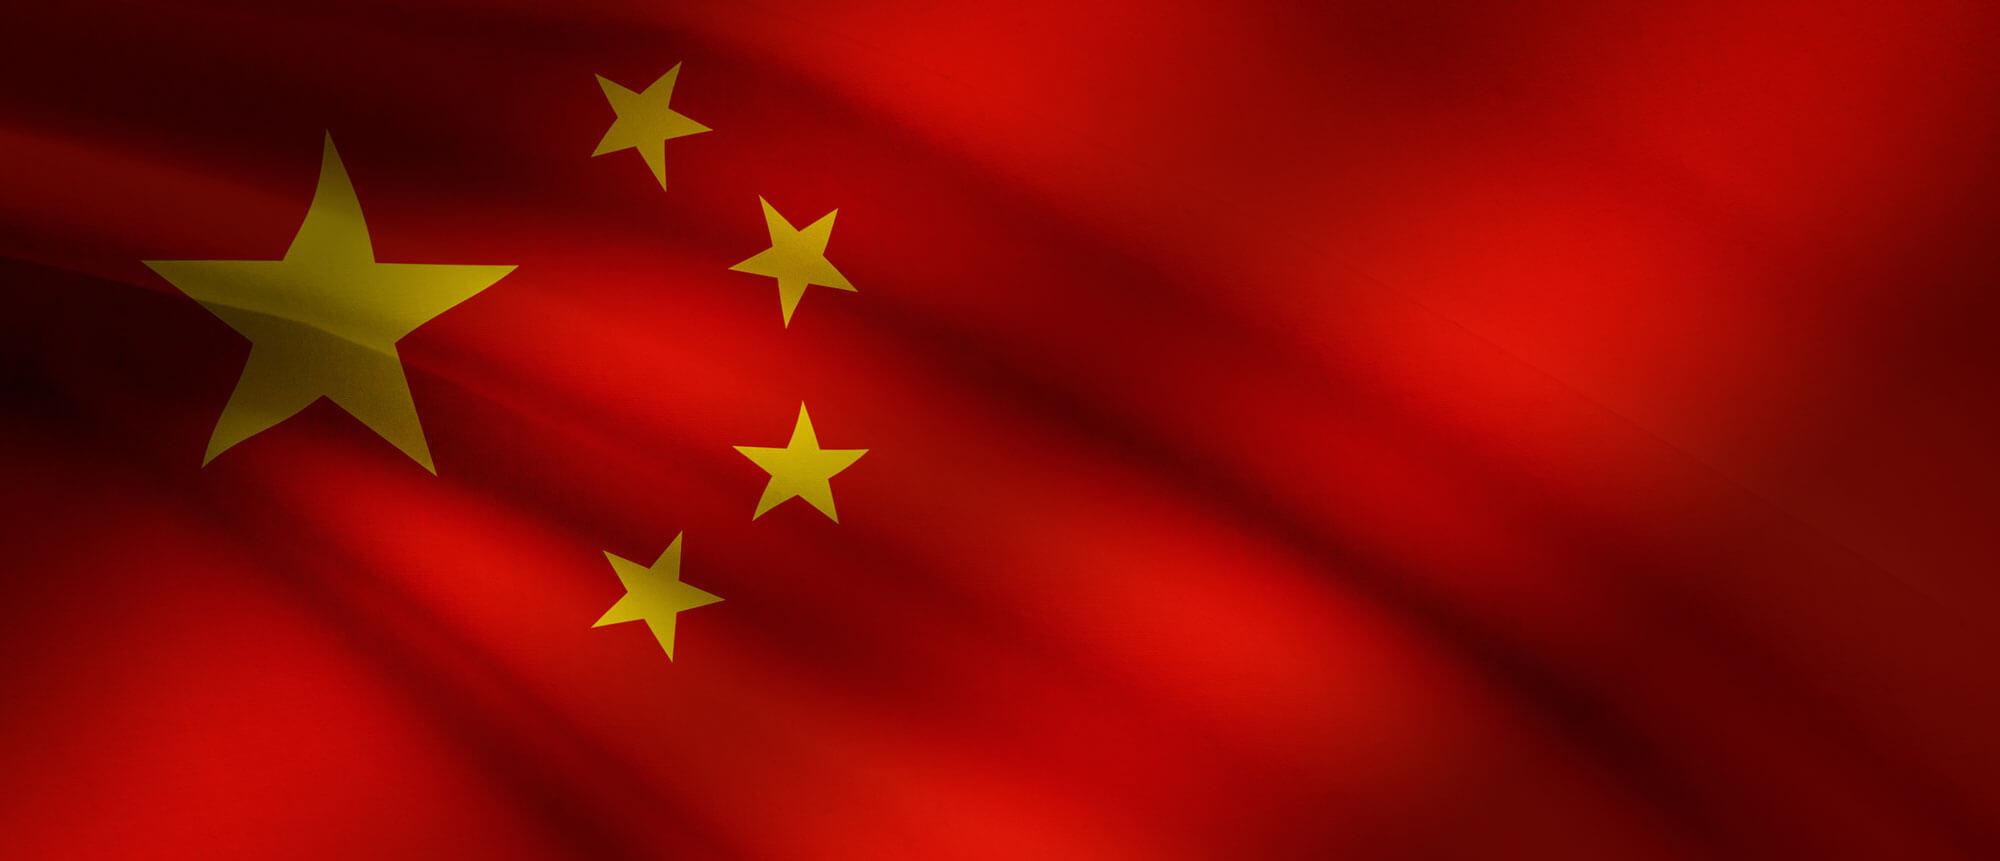 Китайский конгресс принимает закон о криптографии, вступивший в силу 1 января 2020 г.